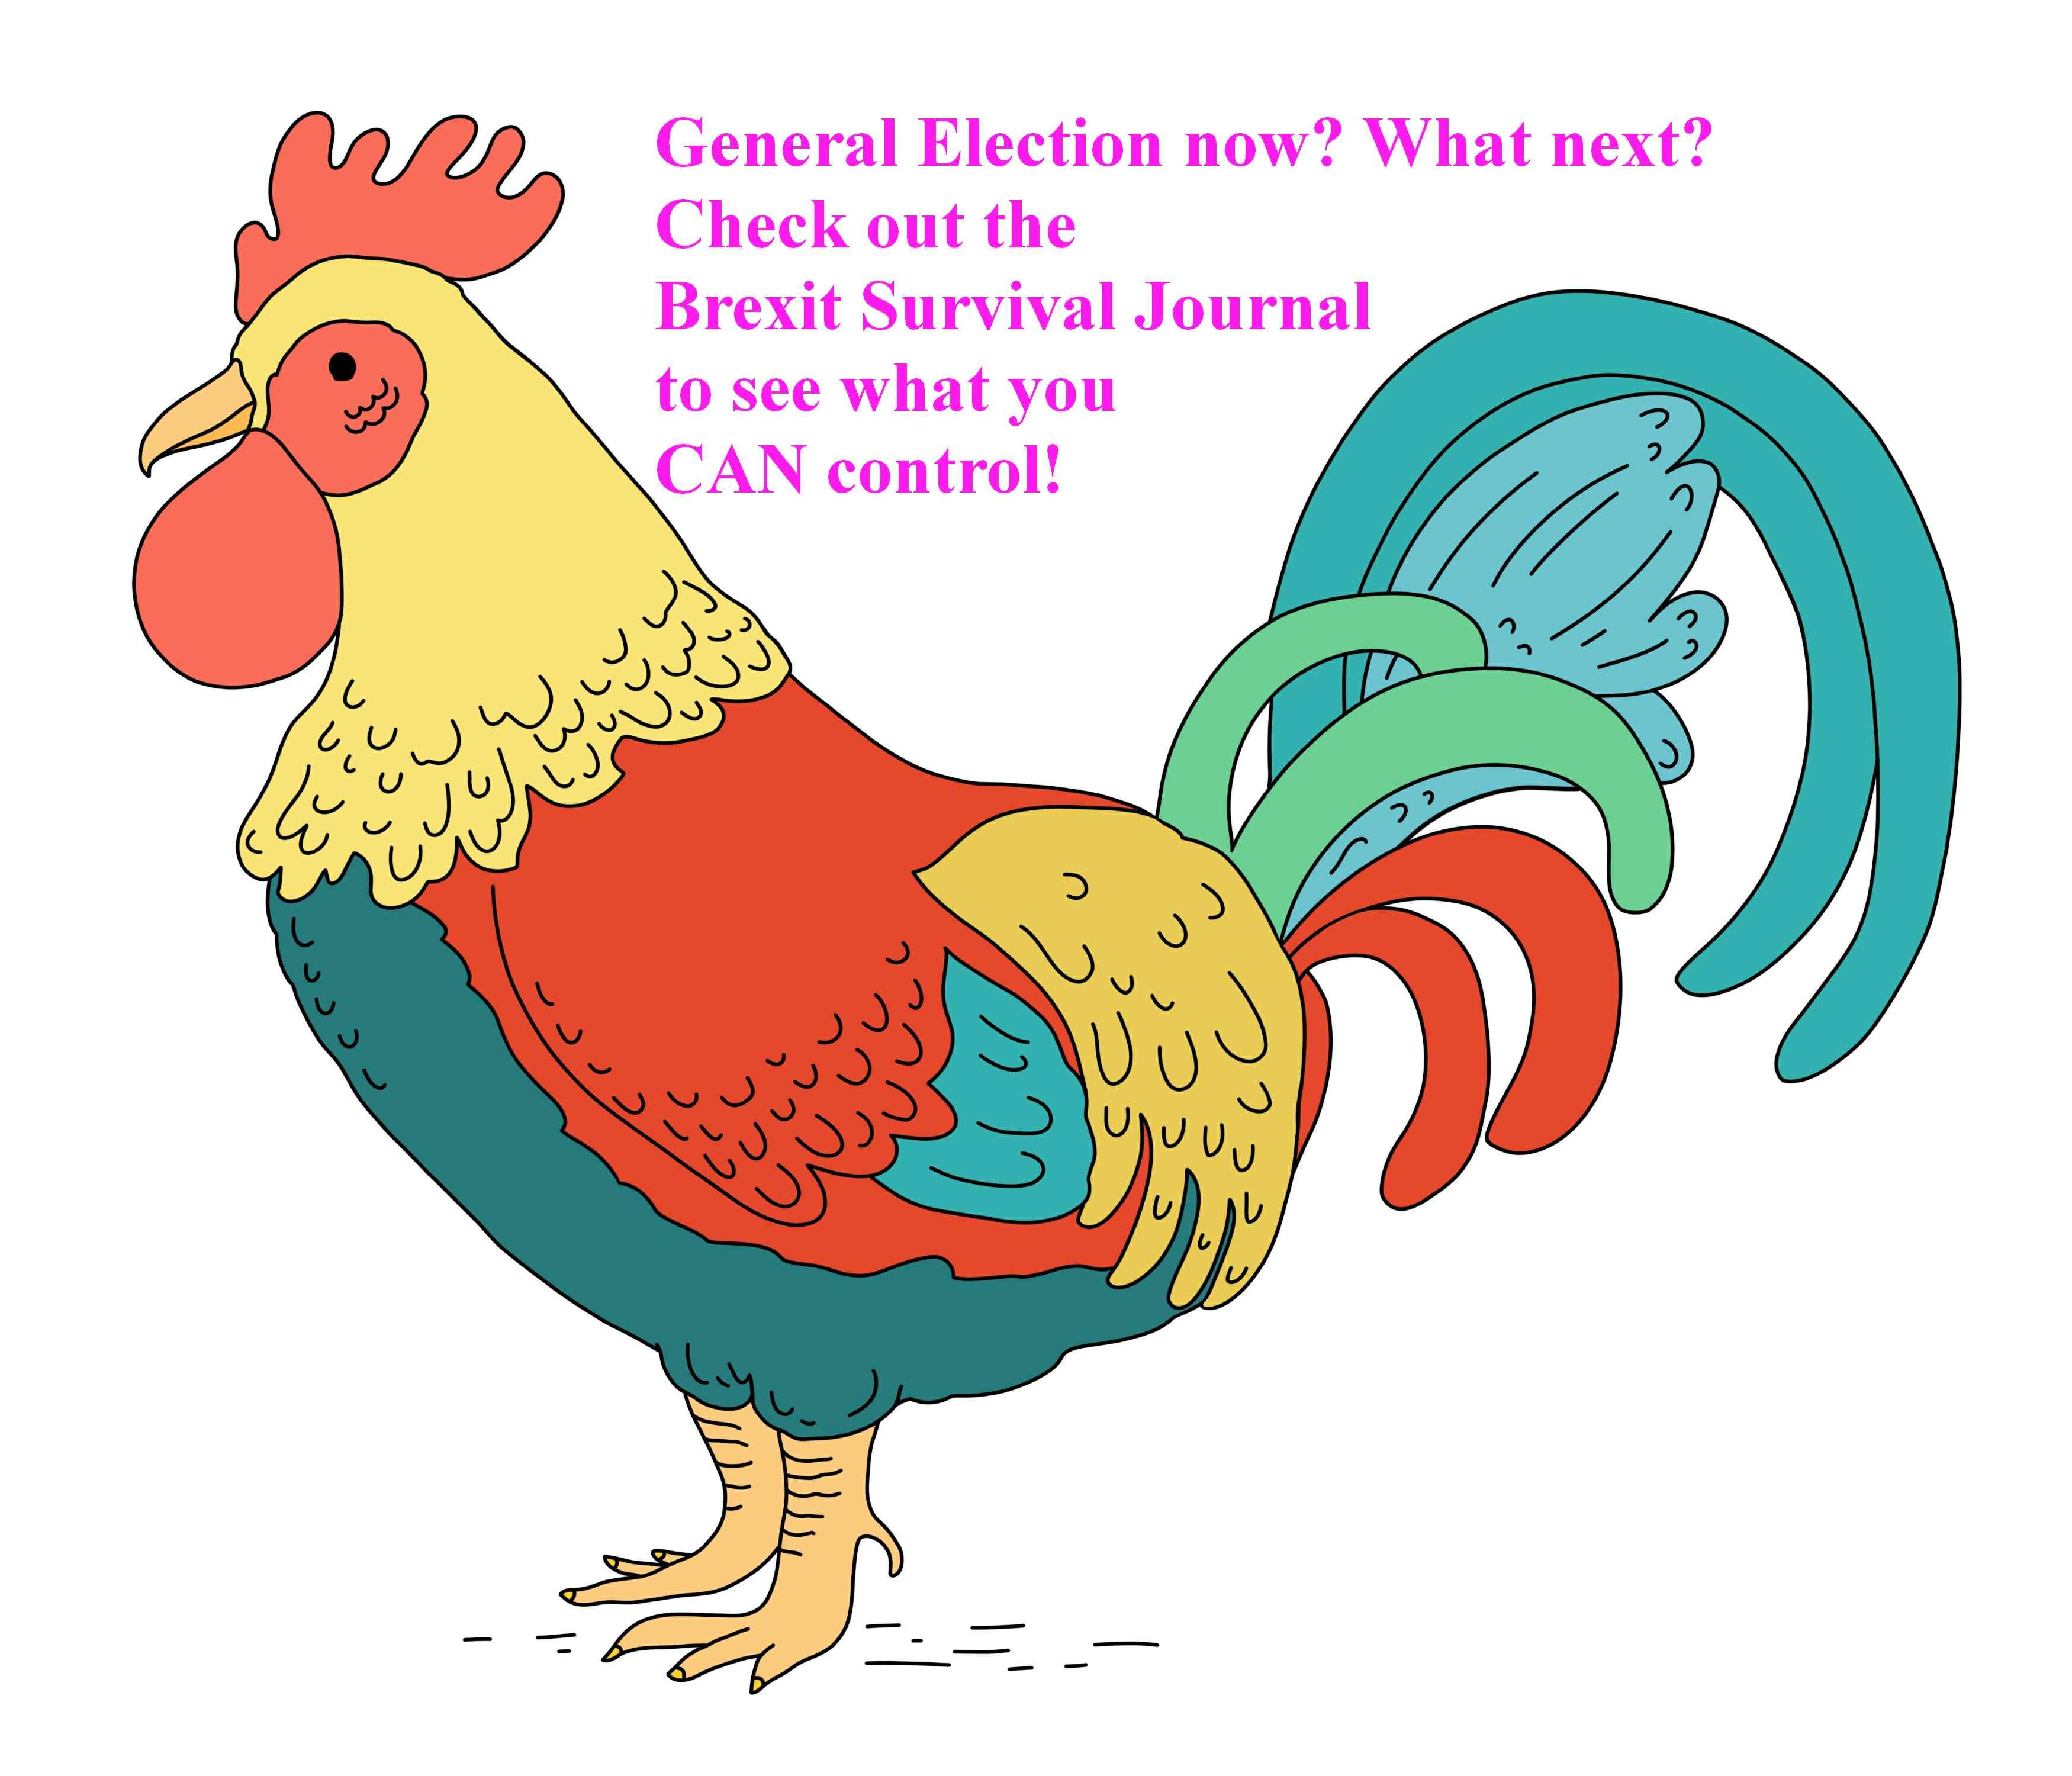 www.brexitsurvivaljournal.com